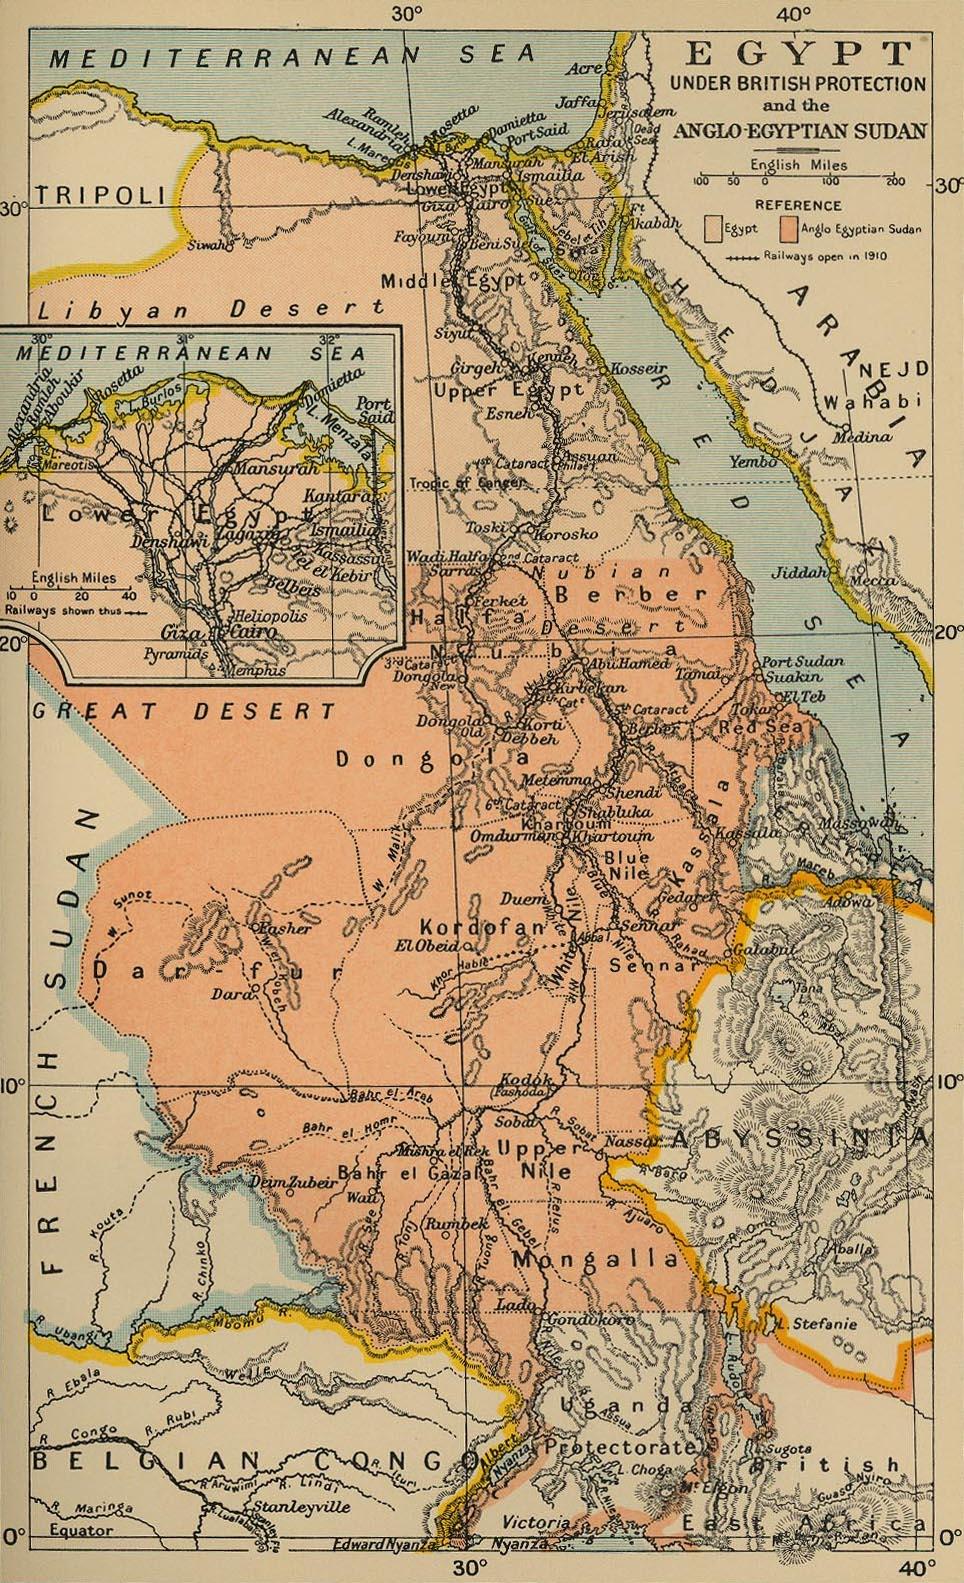 خريطة للسودان المصري الأنجليزي